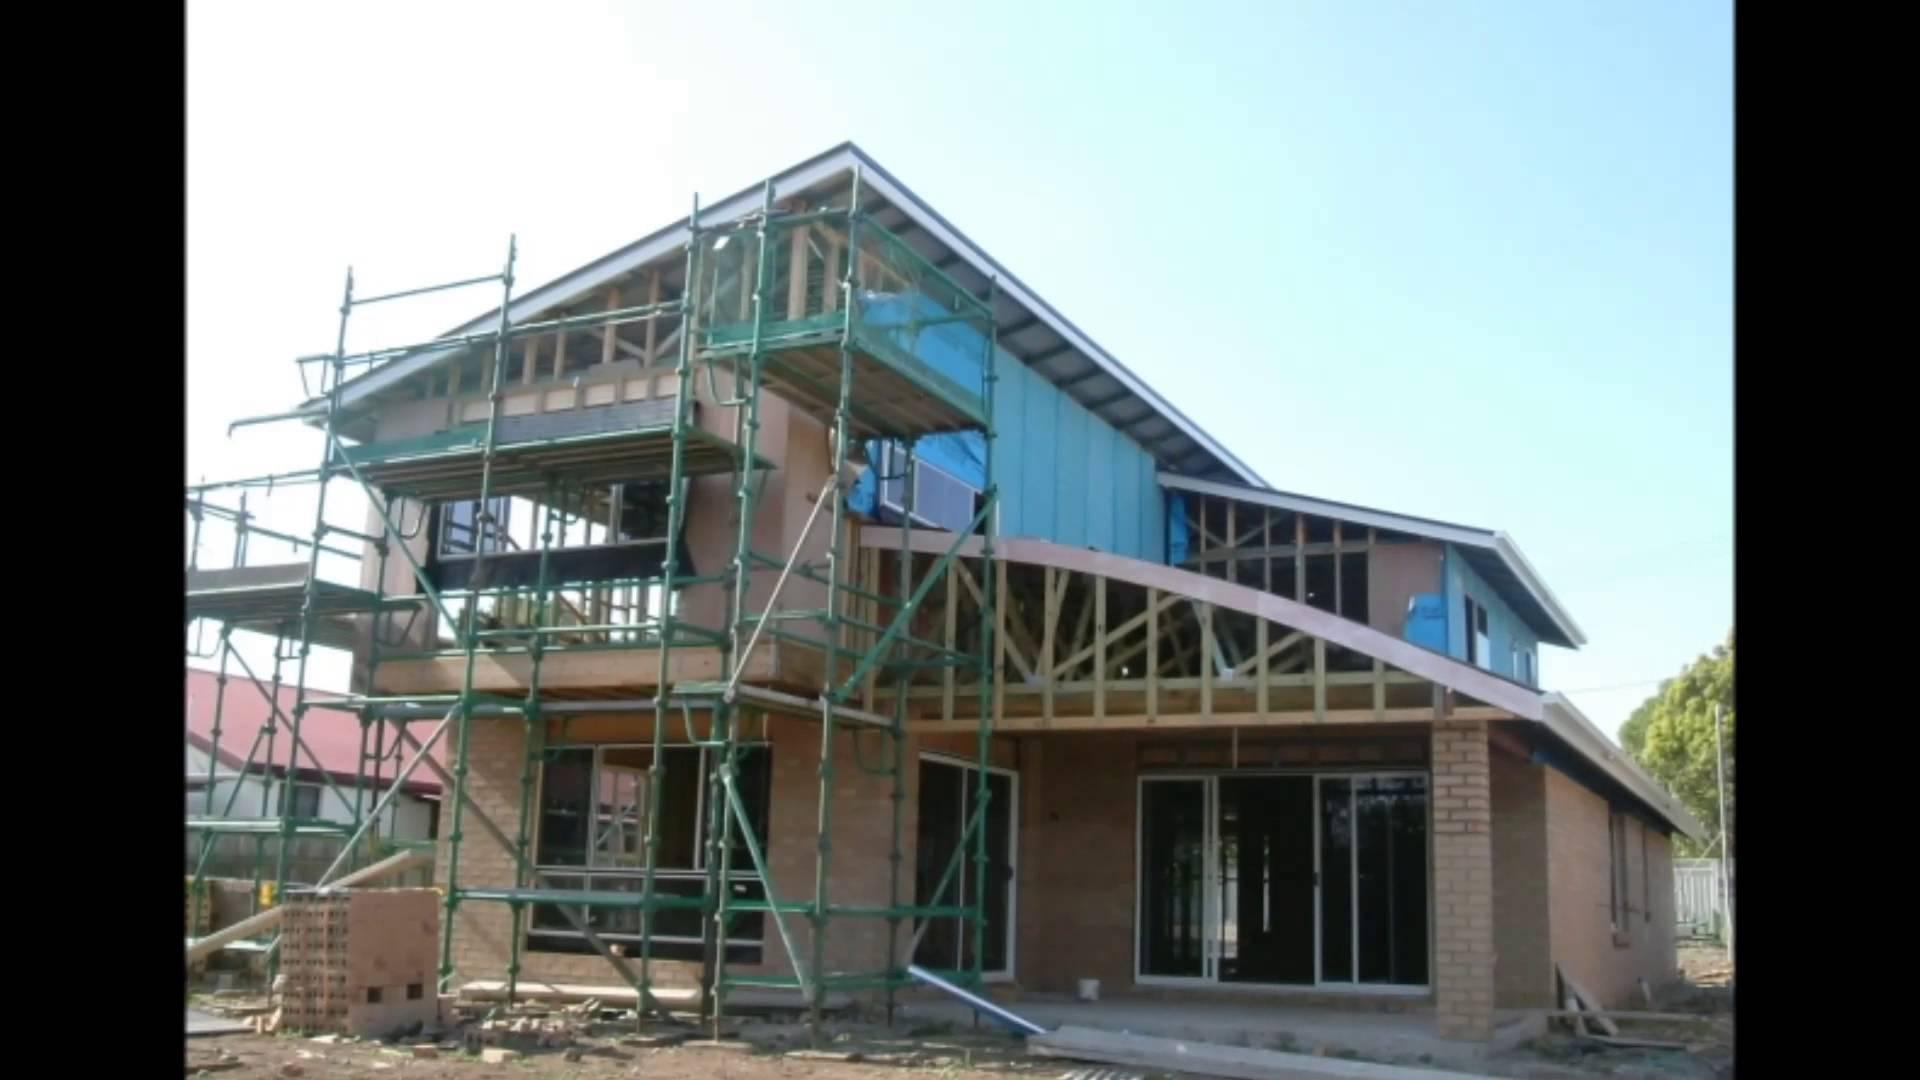 Costo Ristrutturazione Casa 50 Mq ristrutturare casa, meglio in estate o in inverno? – spagliarisi